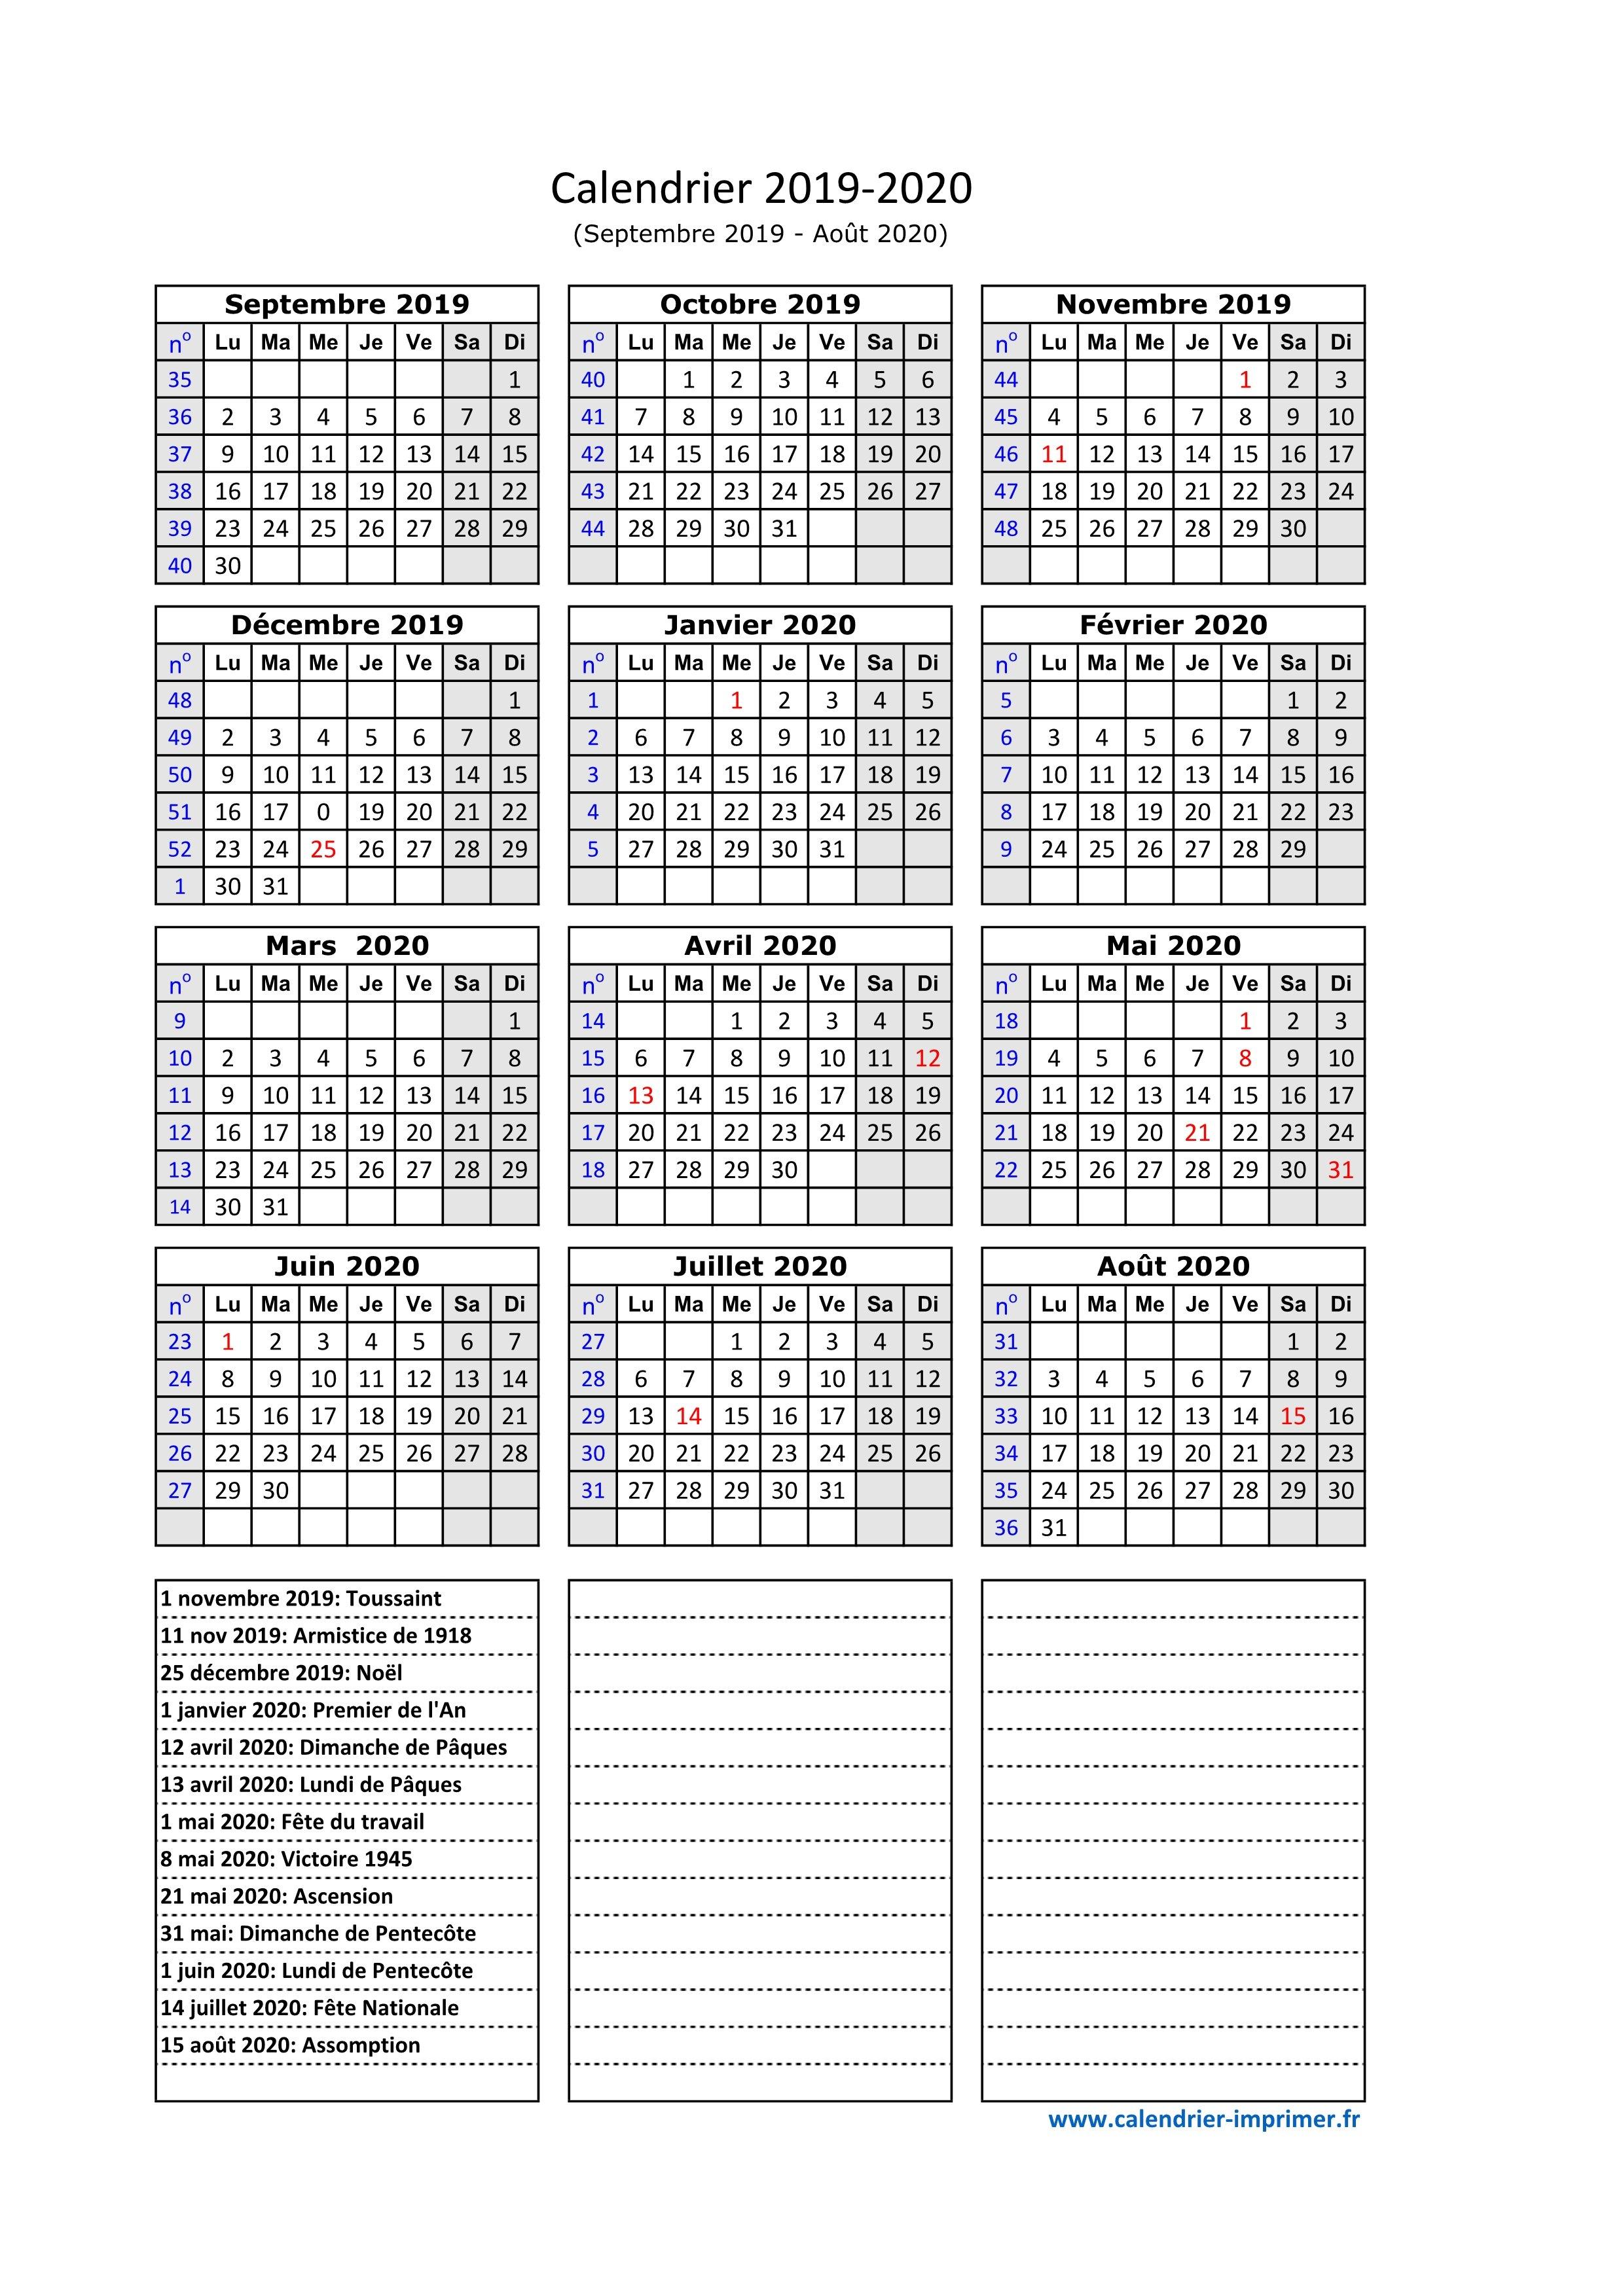 Calendrier Septembre 2020.Calendrier 2019 2020 A Imprimer